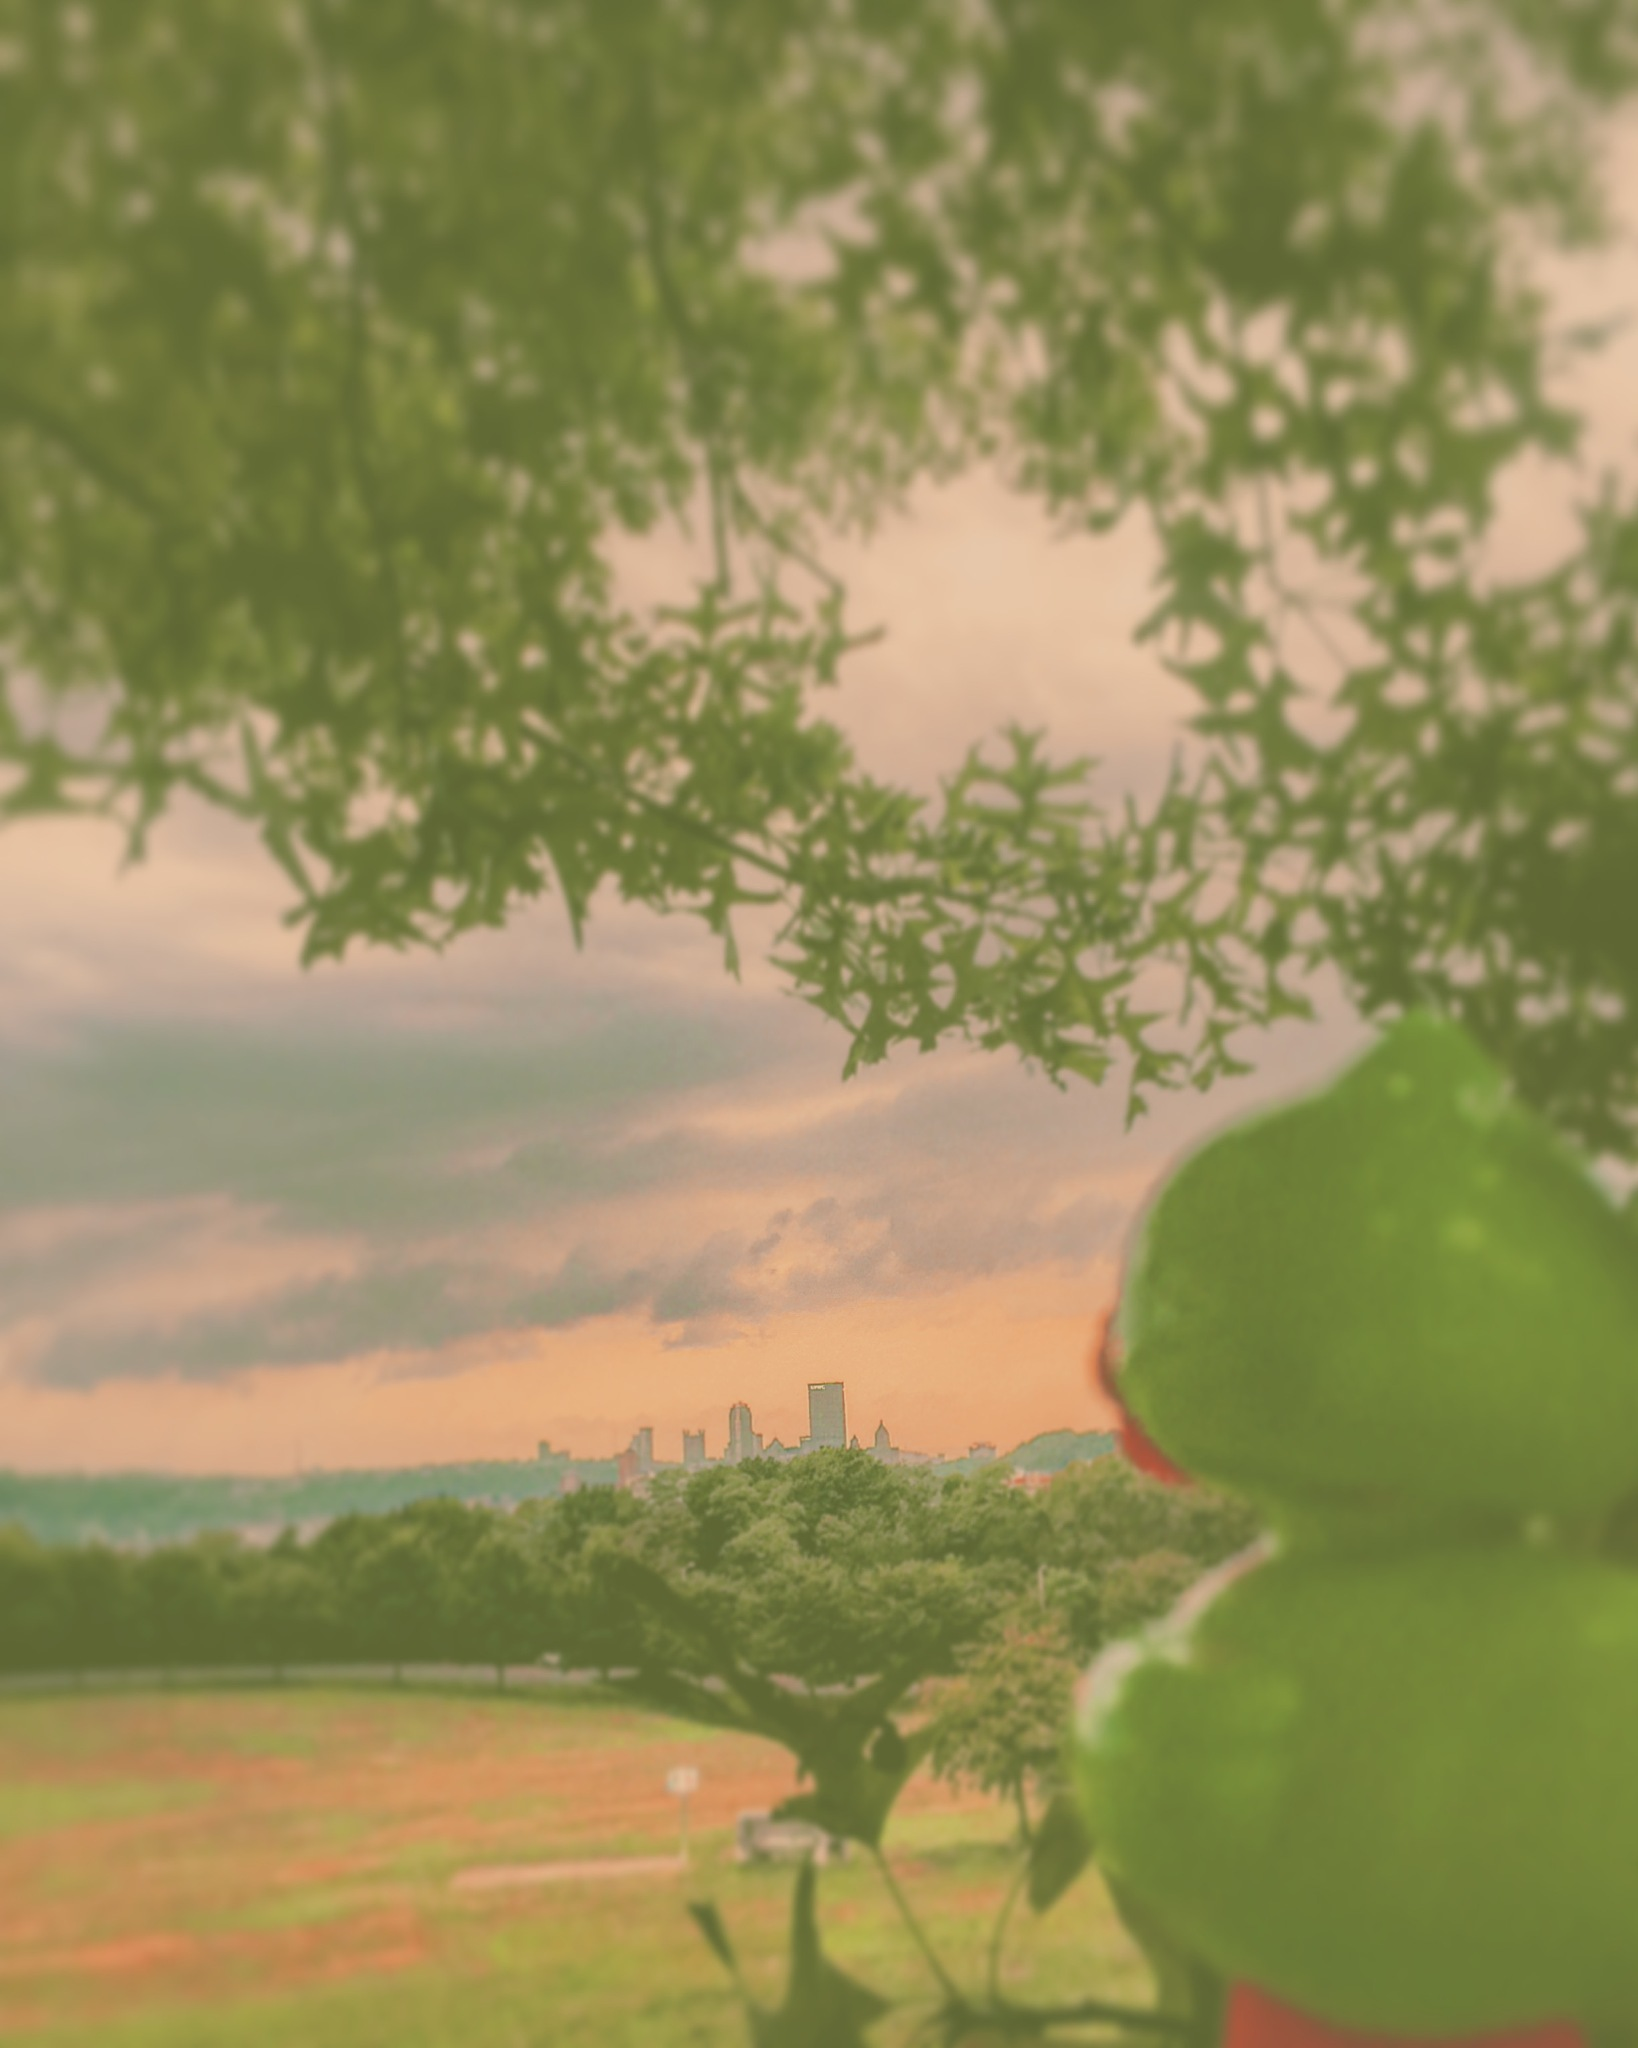 Views by Digz Ya Digz-Me